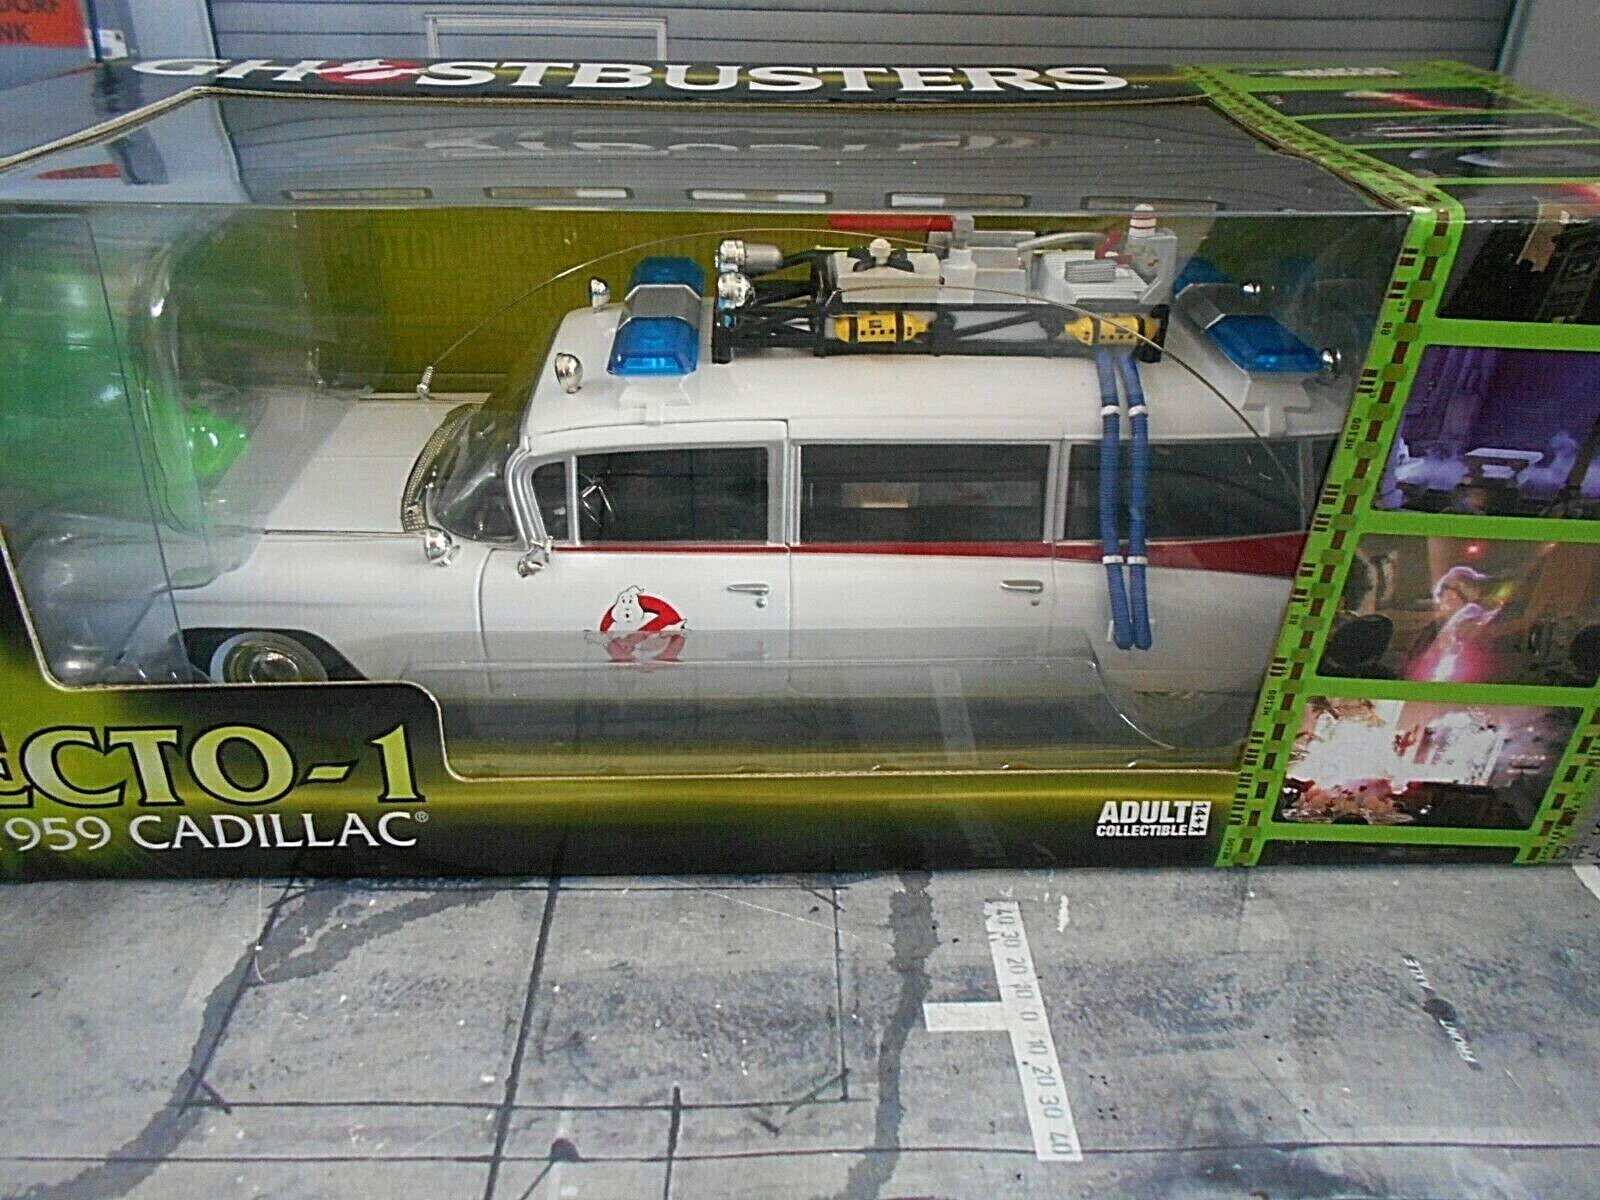 tienda en linea Cadillac Ambulance ecto 1 año de de de construcción 1959 película Ghostbusters ertl Autoworld 1 18  Envíos y devoluciones gratis.